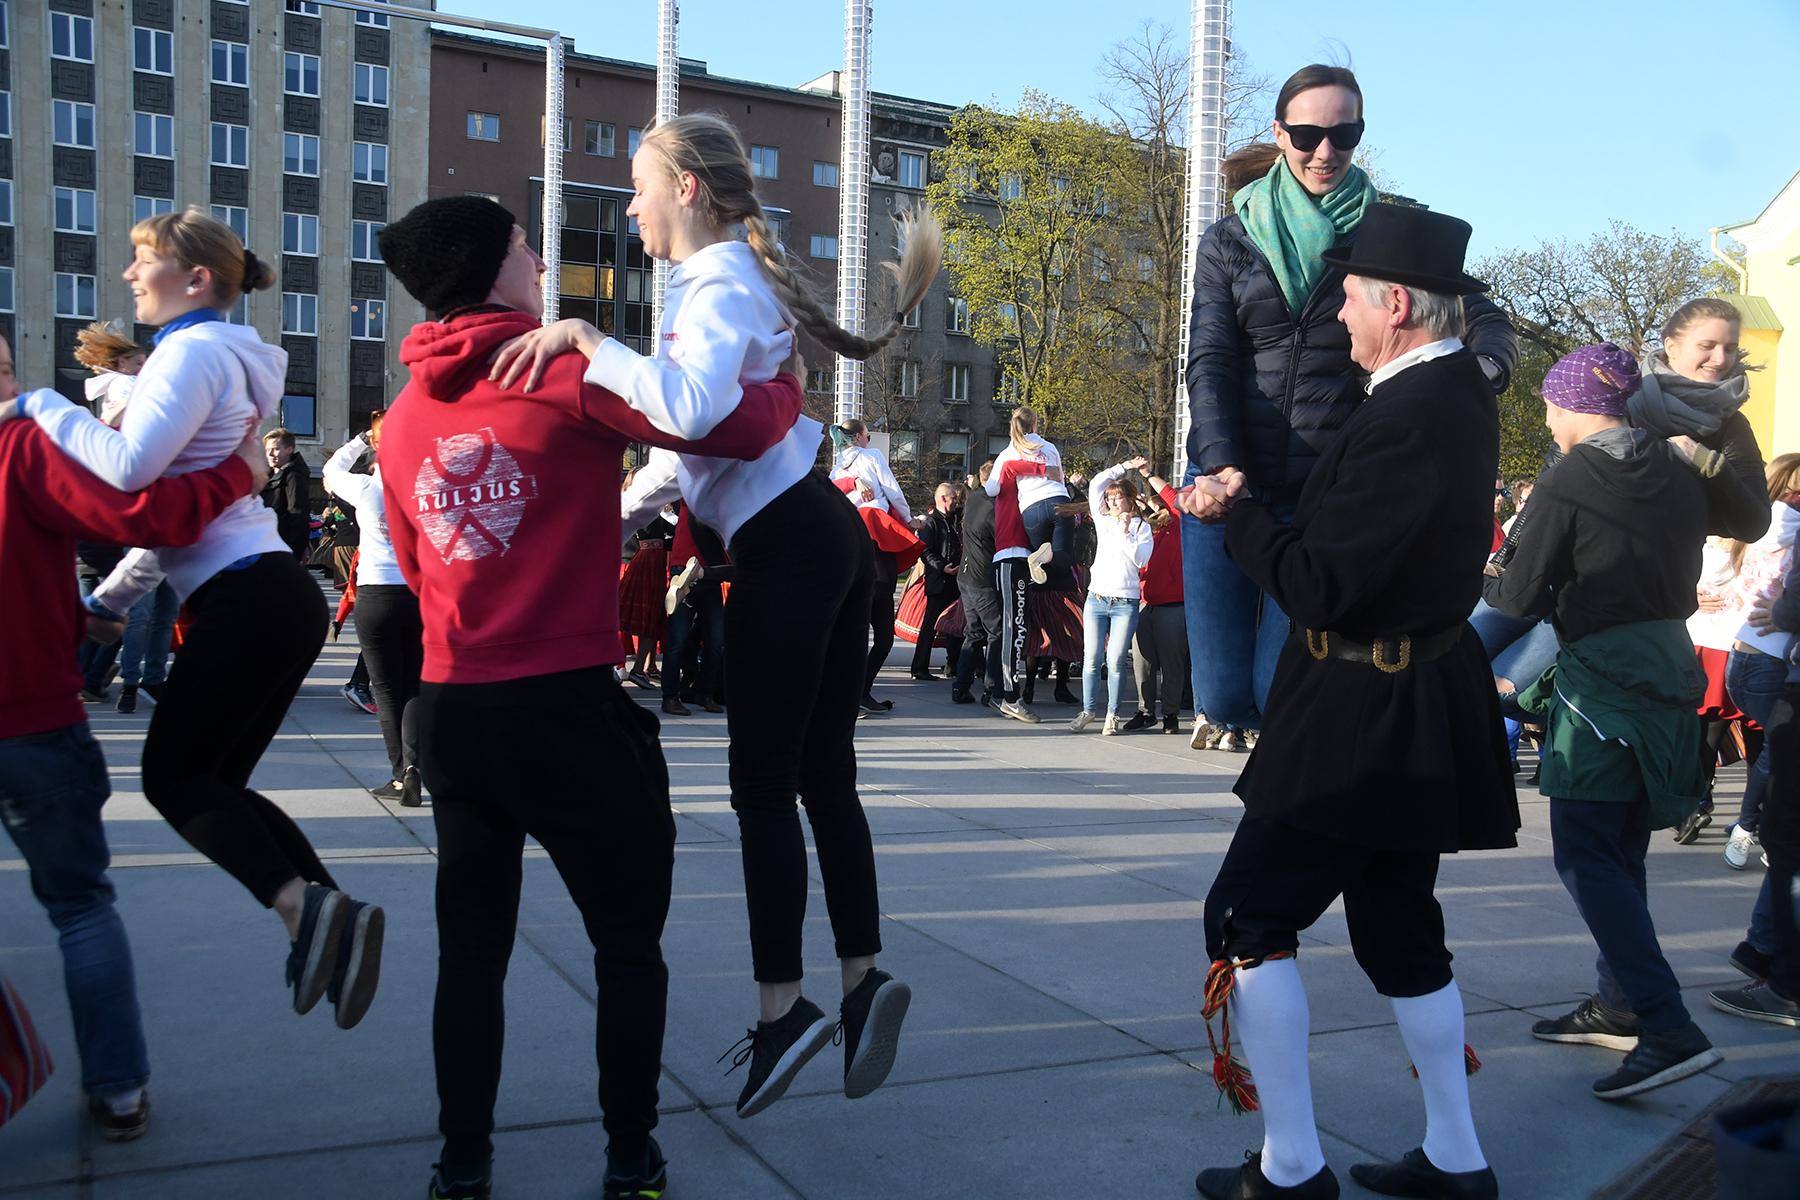 Rahvusvaheline tantsupäev Tallinnas Vabaduse väljakul. Foto Urmas Saard